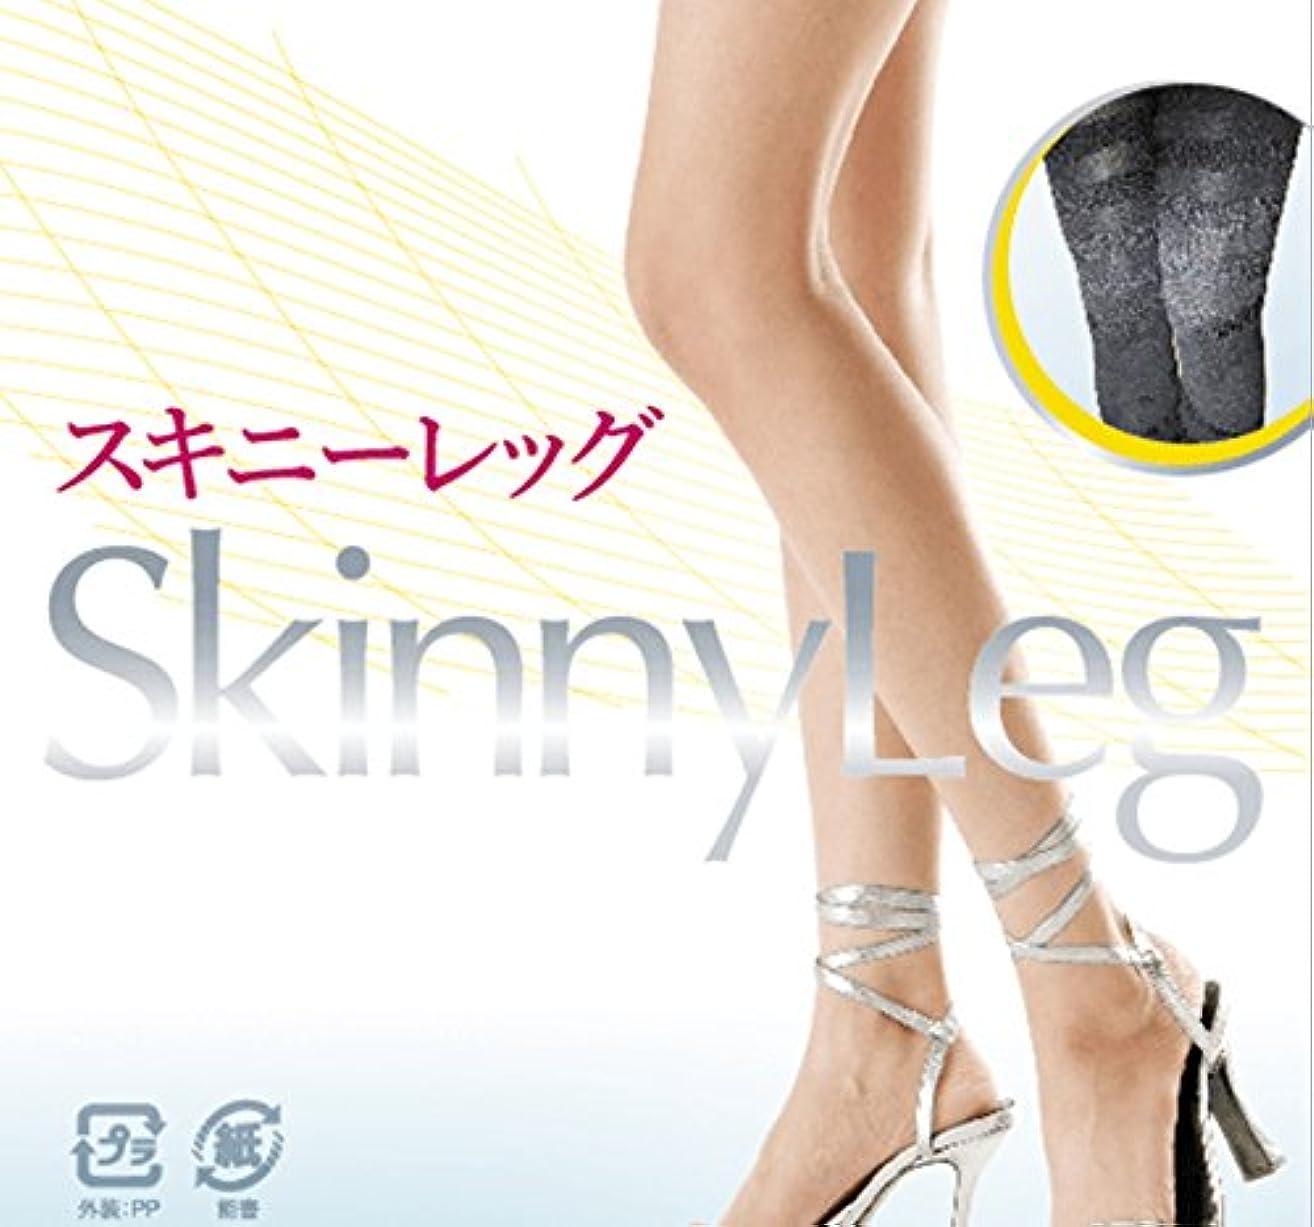 適合しました疲労サラダ【送料無料3個セット】SkinnyLeg -スキニーレッグ-